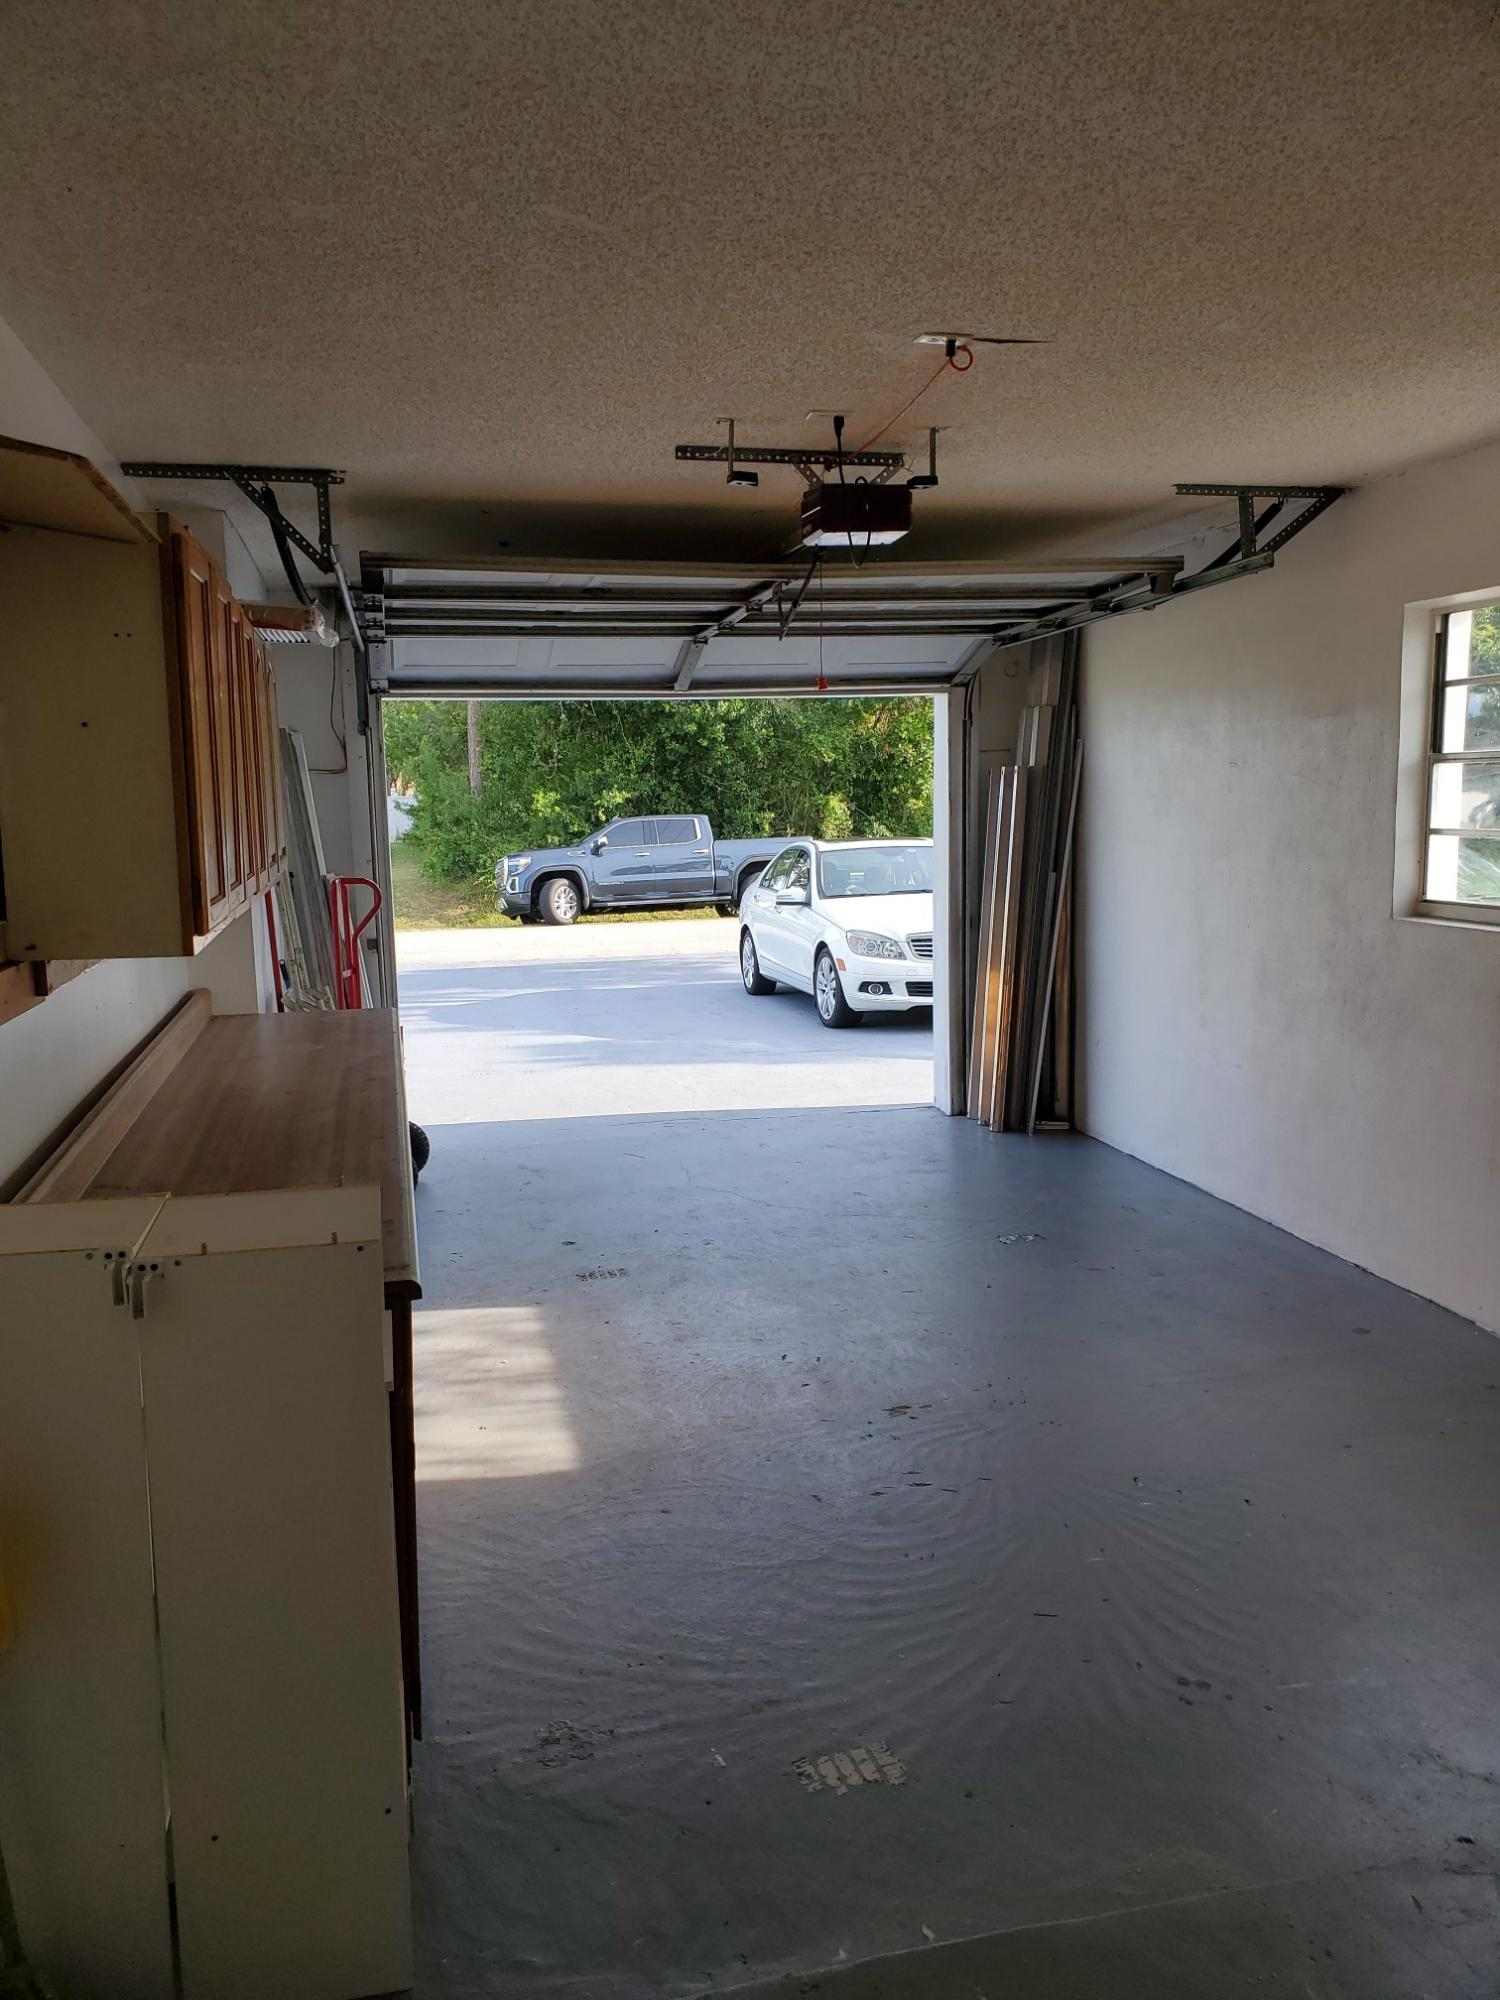 581 garage